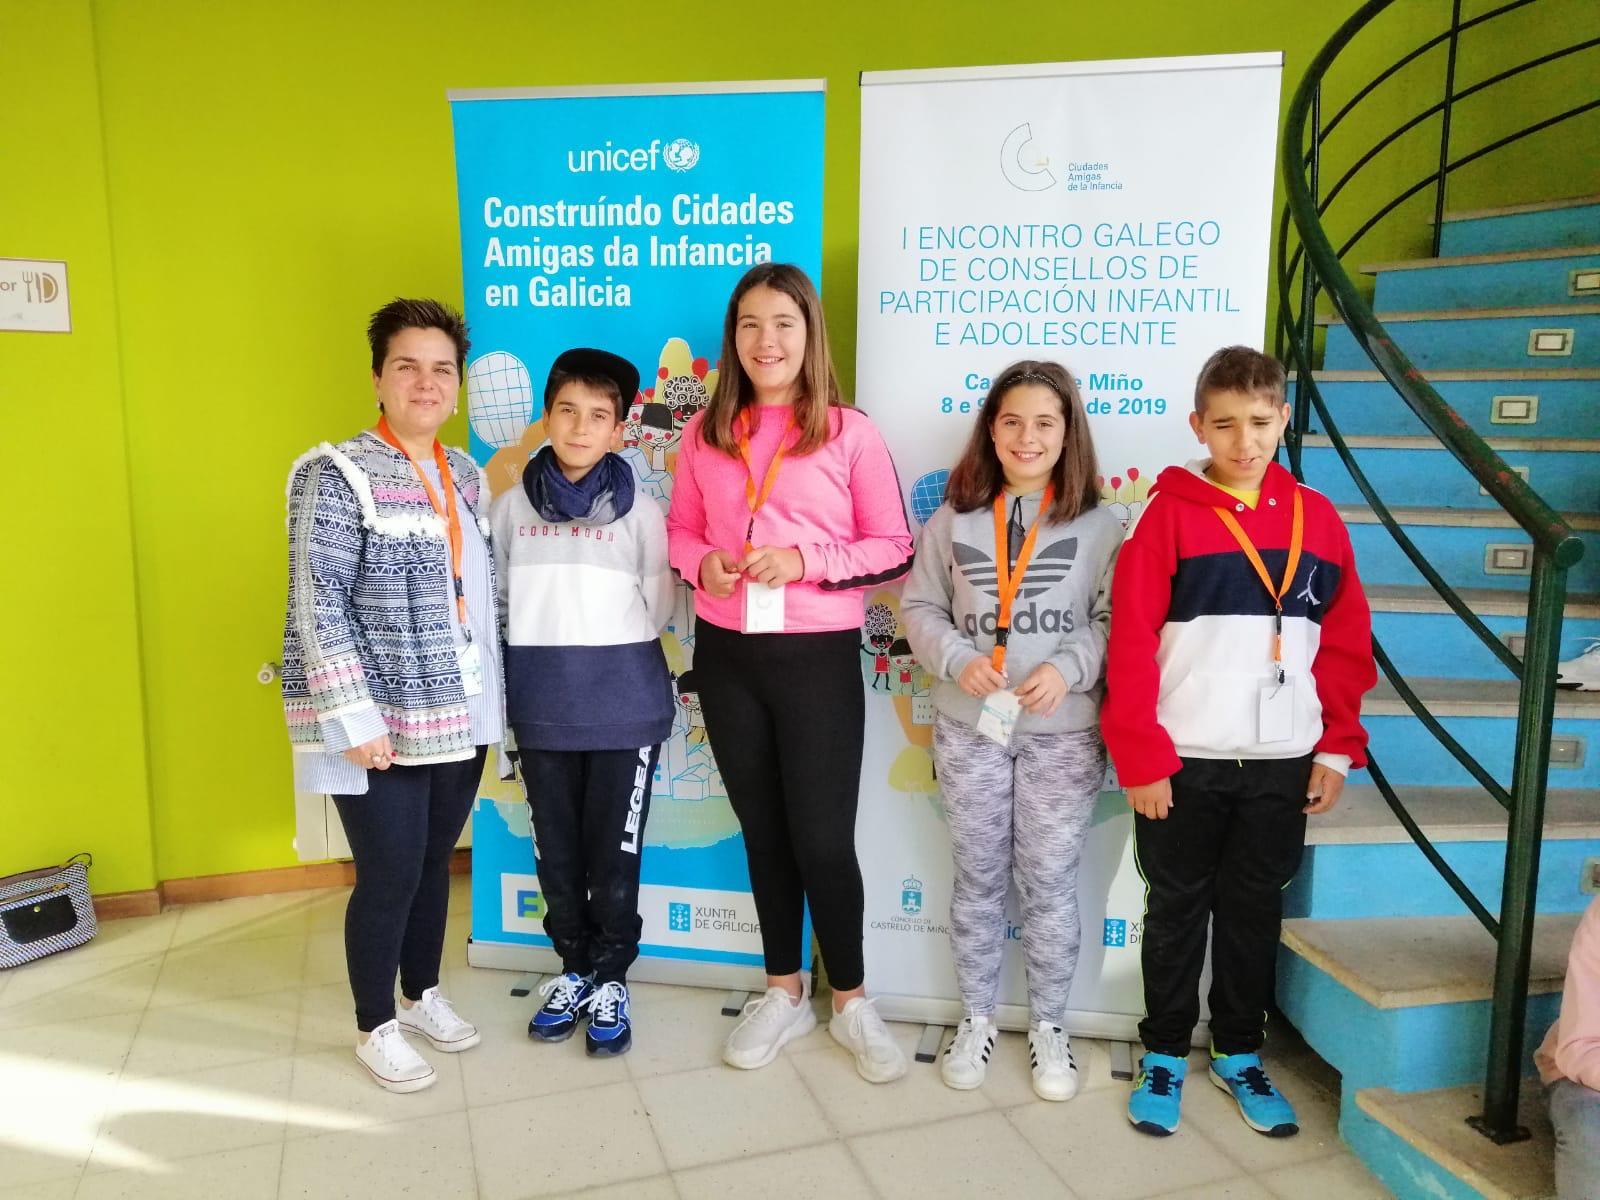 A delegación de Porriño tivo unha actuación sobranceira no I Encontro de Participación Infantil e da Adolescencia de Galicia